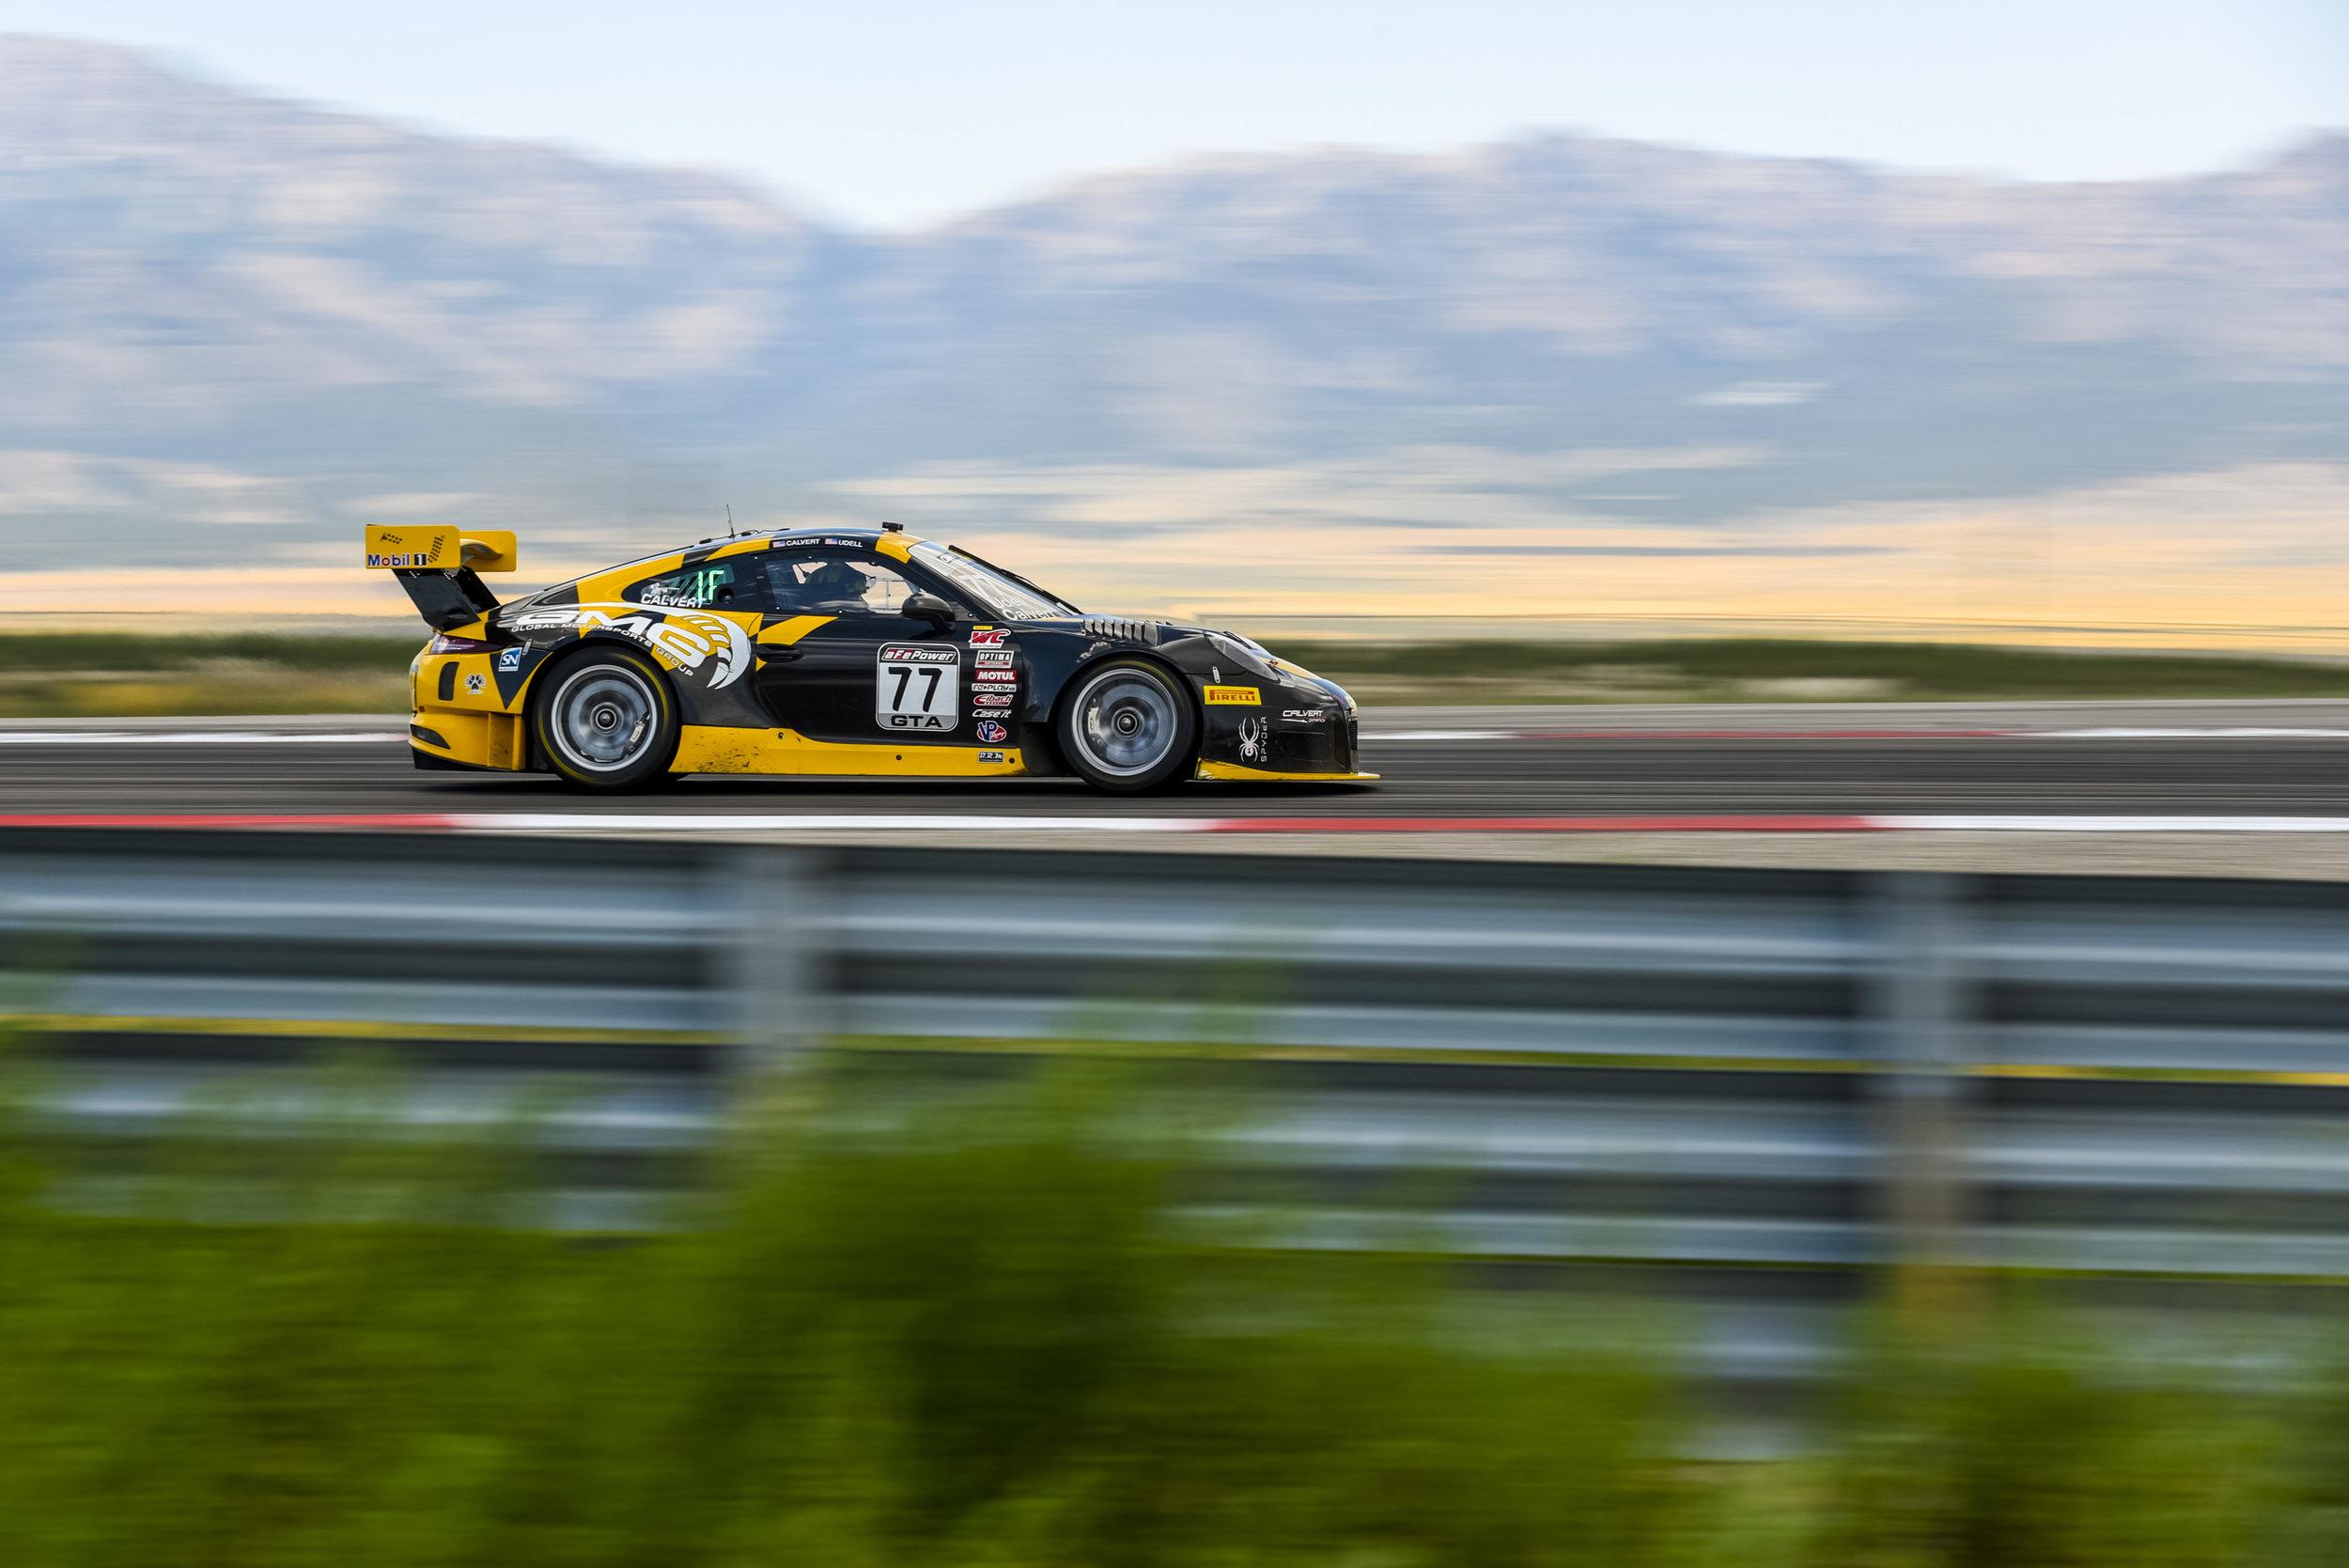 Alec Udell in the No. 77 Calvert Dynamics Porsche 911 GT3 R